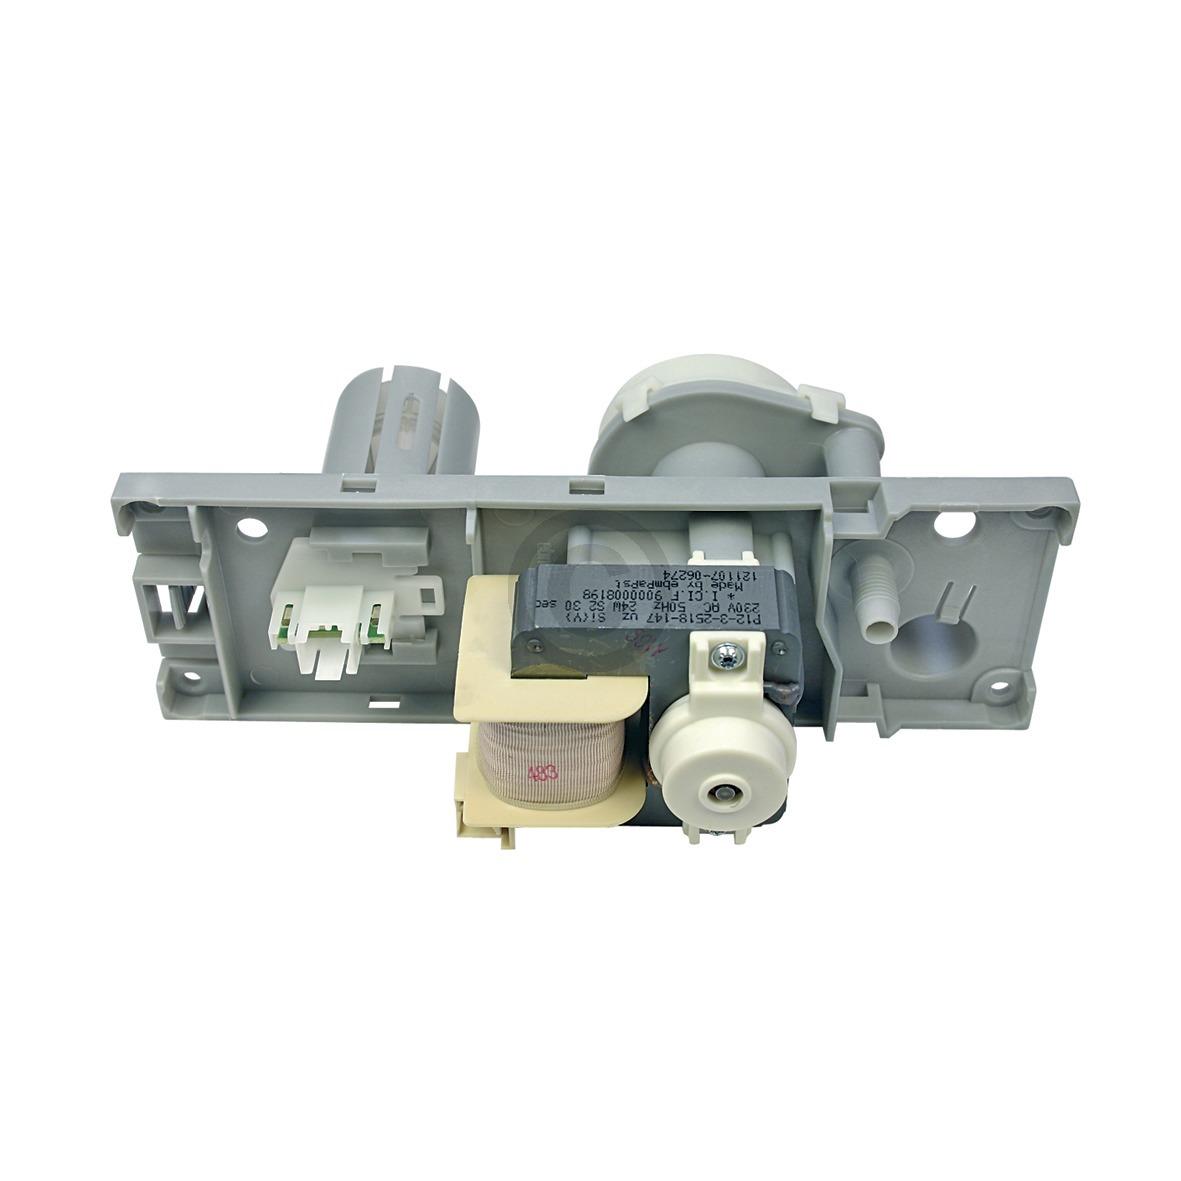 Kondenswasserpumpe 24W 230V 00497217 497217 Bosch, Siemens, Neff